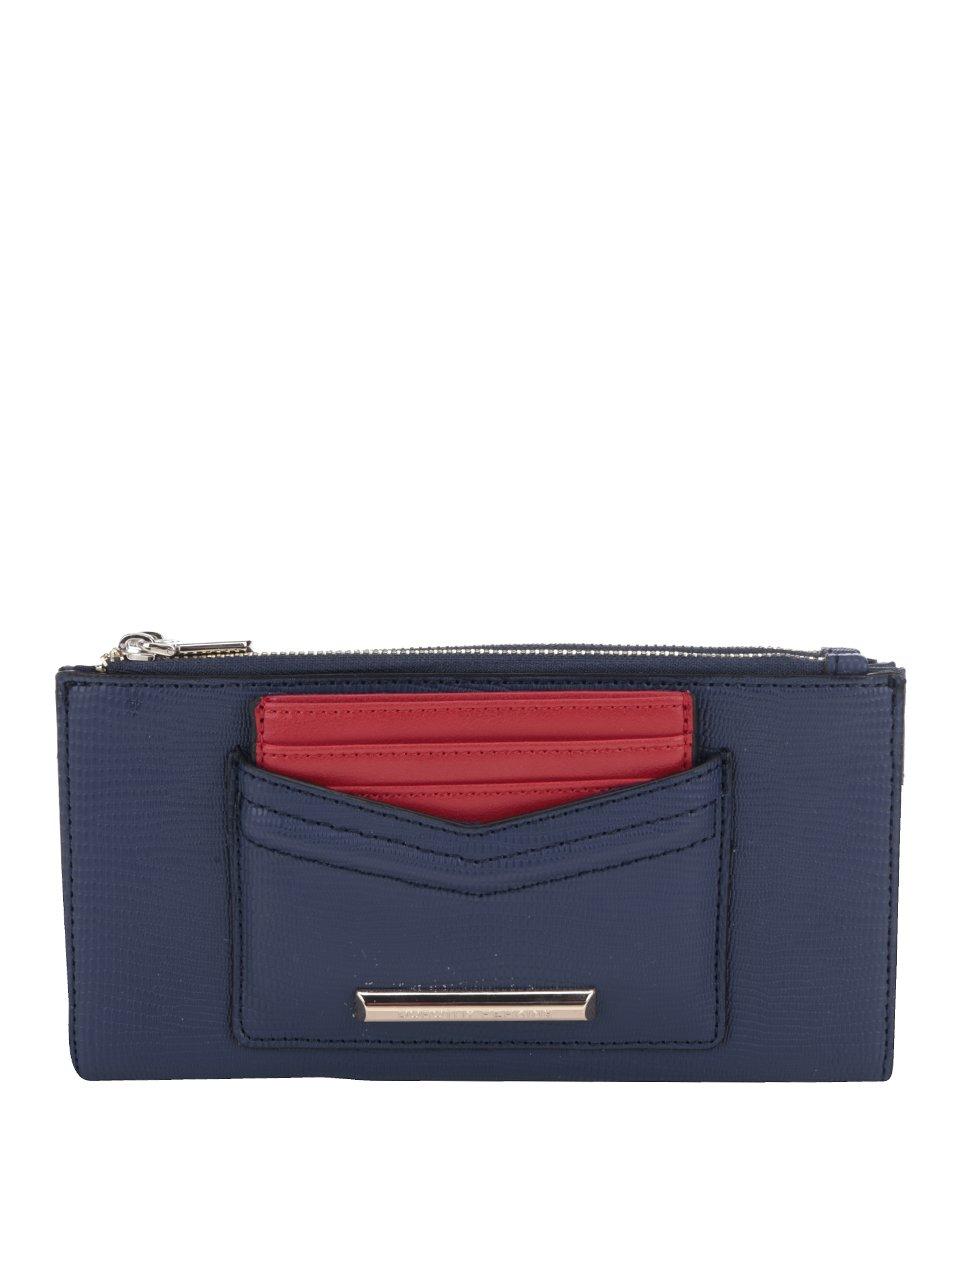 Modrá peněženka s červeným pouzdrem na karty Dorothy Perkins